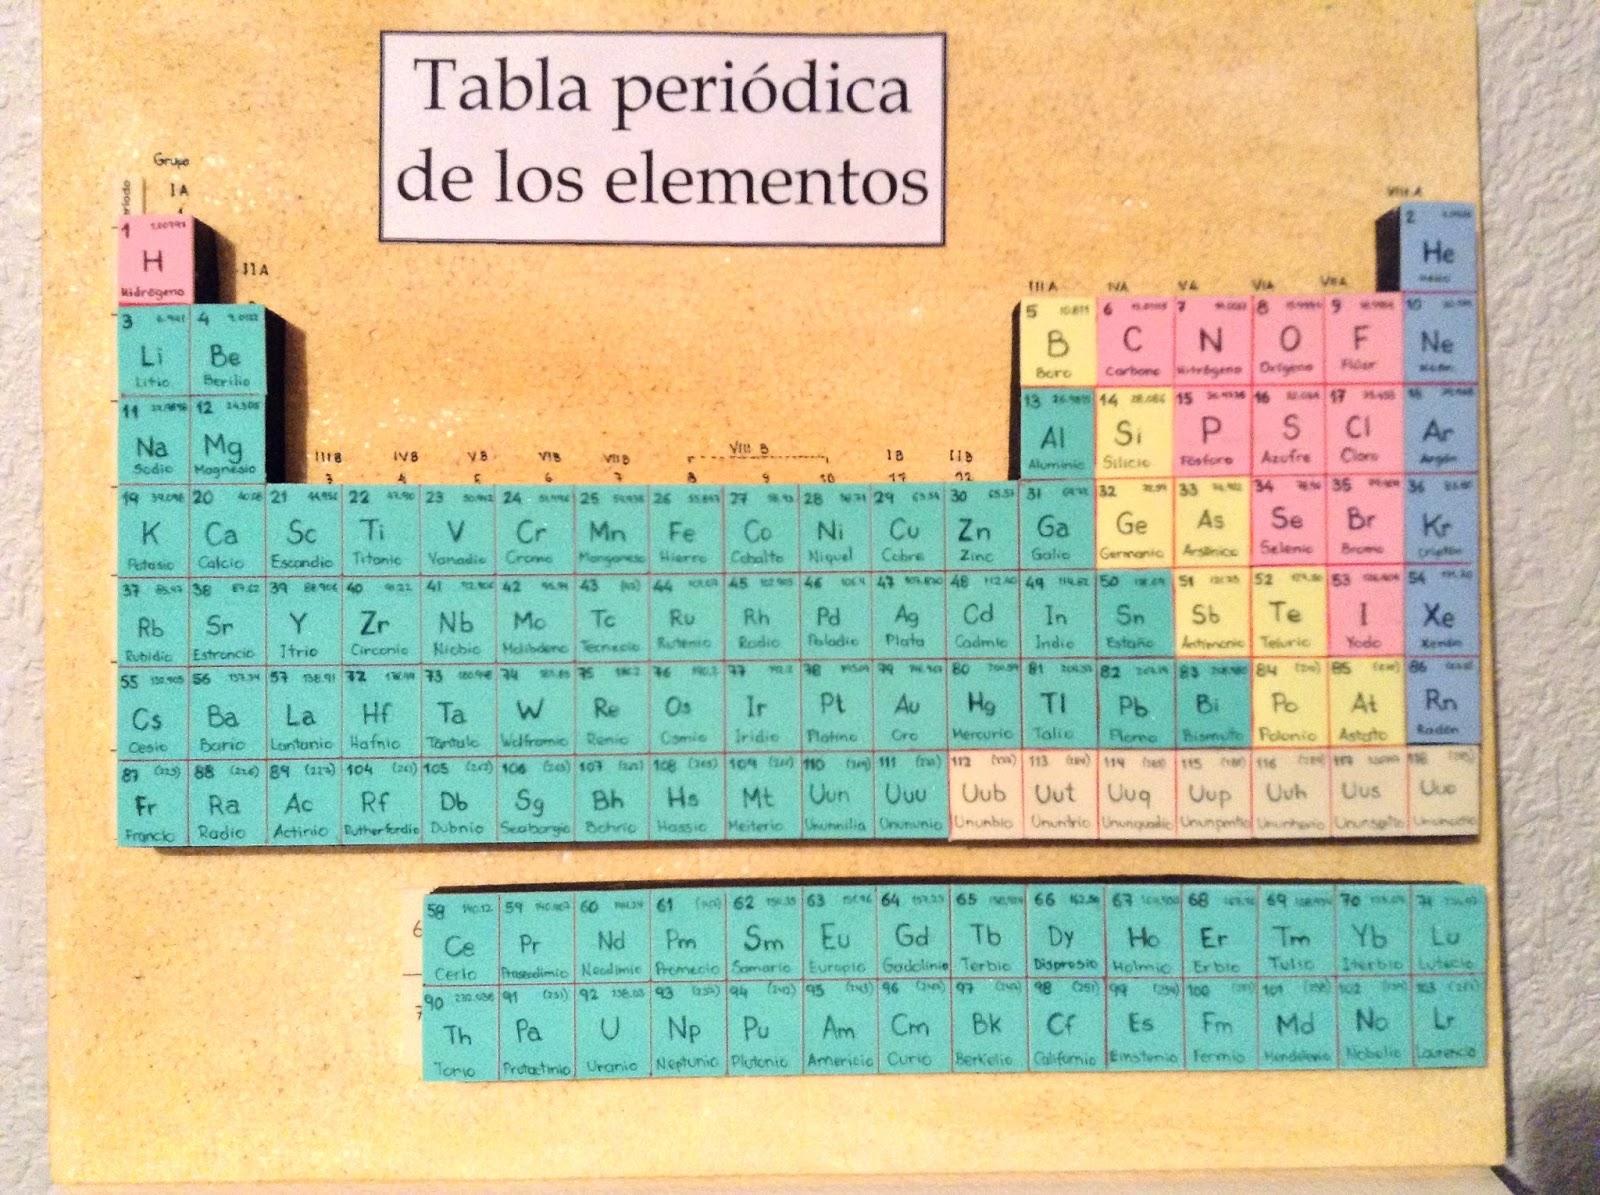 Maquetas y arte tabla periodica de los elementos tabla periodica de los elementos publicado por maquetas y arte en 1658 urtaz Image collections